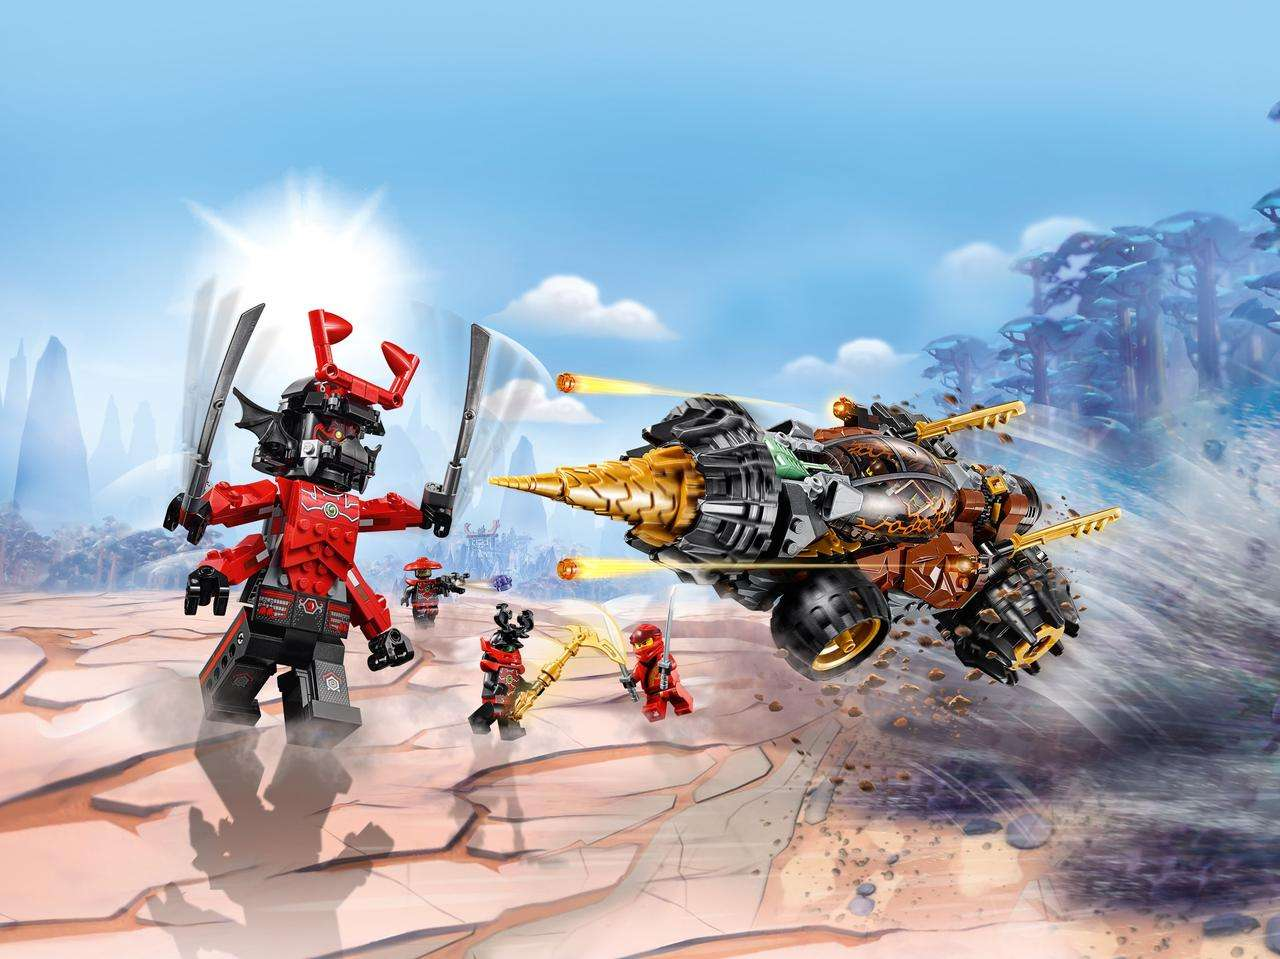 Конструктор LEGO Ninjago. Земляной бур Коула